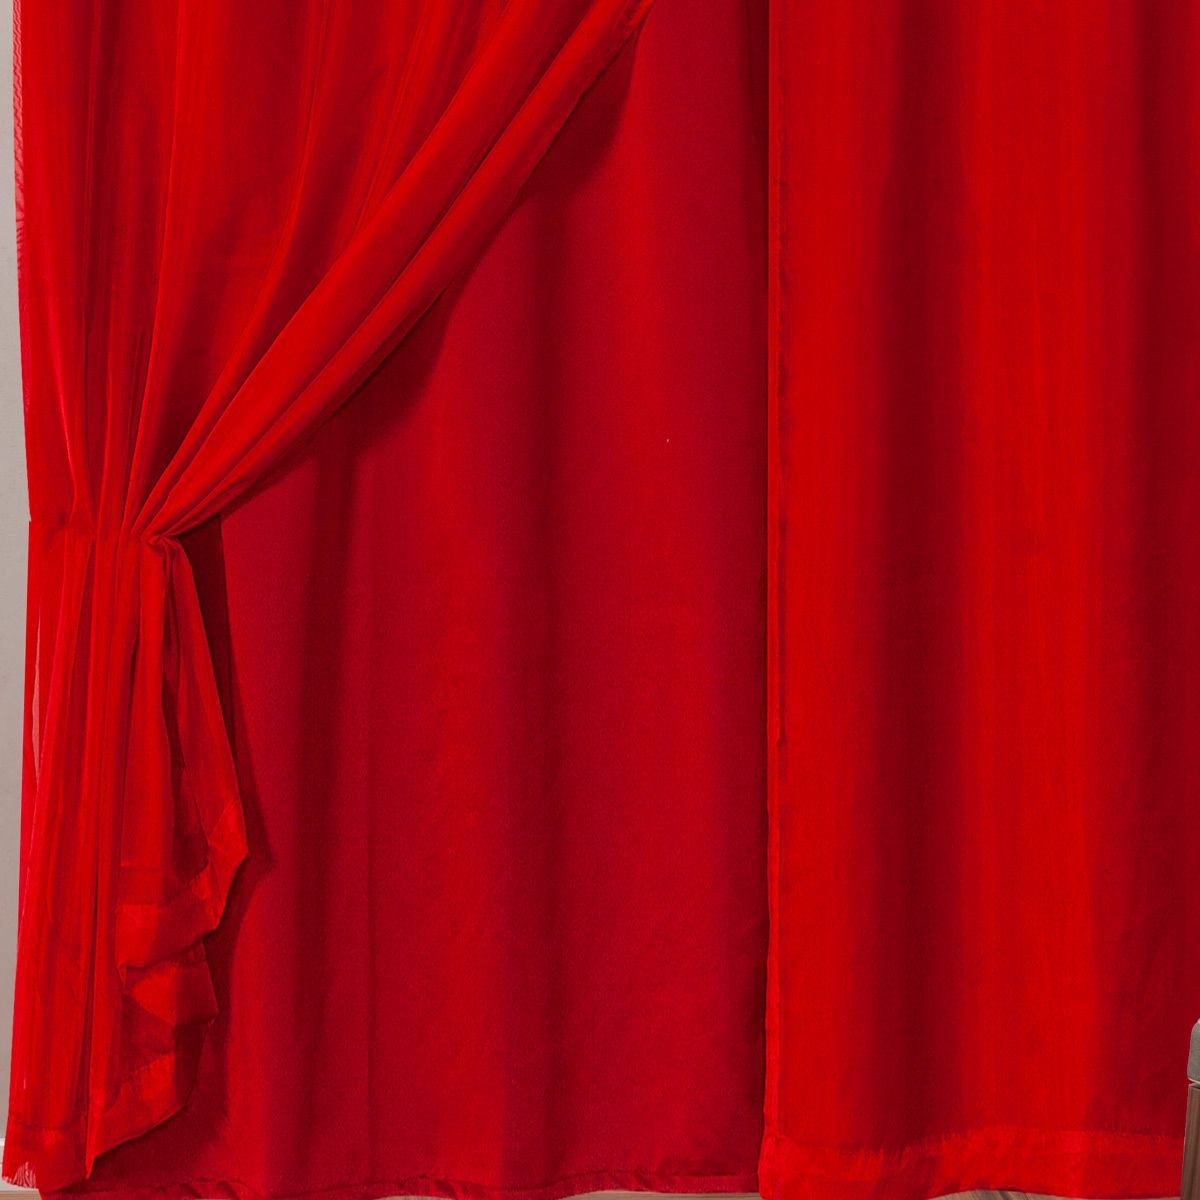 Cortina Blackout em Tecido Class c/ Voil Vermelho Corta Luz 2,80m x 2,30m